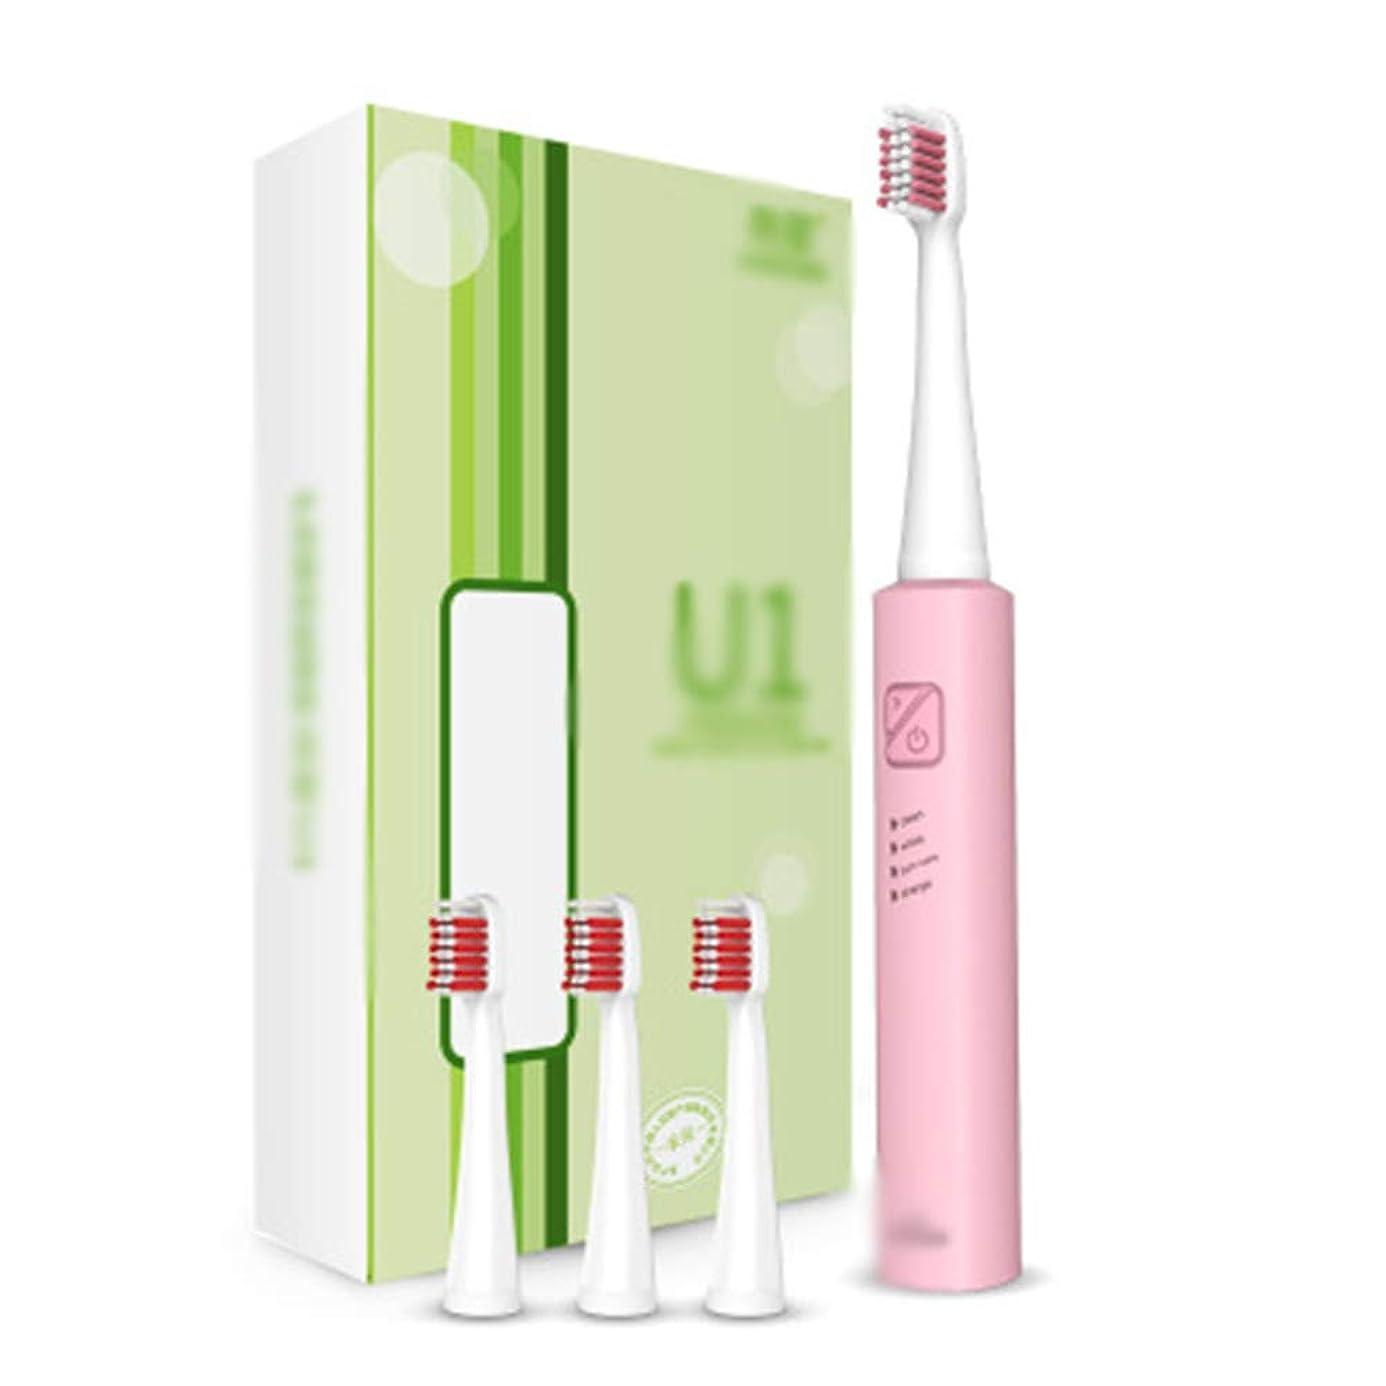 マイコン座る浴USB充電式ソニック電動歯ブラシ、31000回/分振動周波数、防水IPX7フルボディ,C